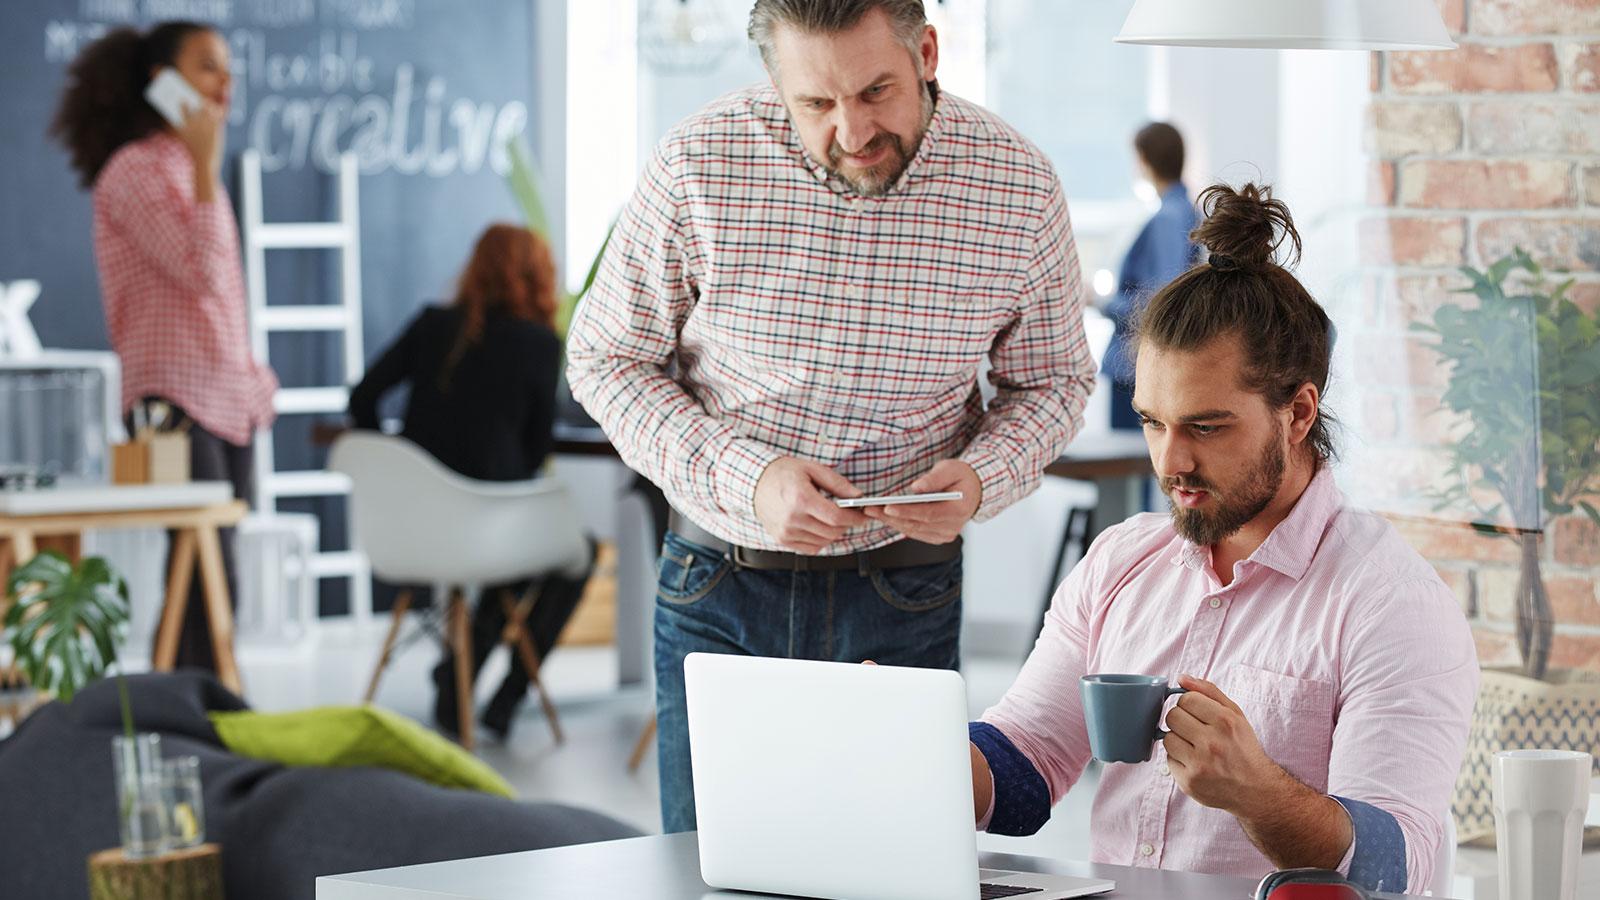 video animado vendas 2 - Como um vídeo animado pode ajudar a alavancar as vendas da sua empresa? Entenda a relação aqui!